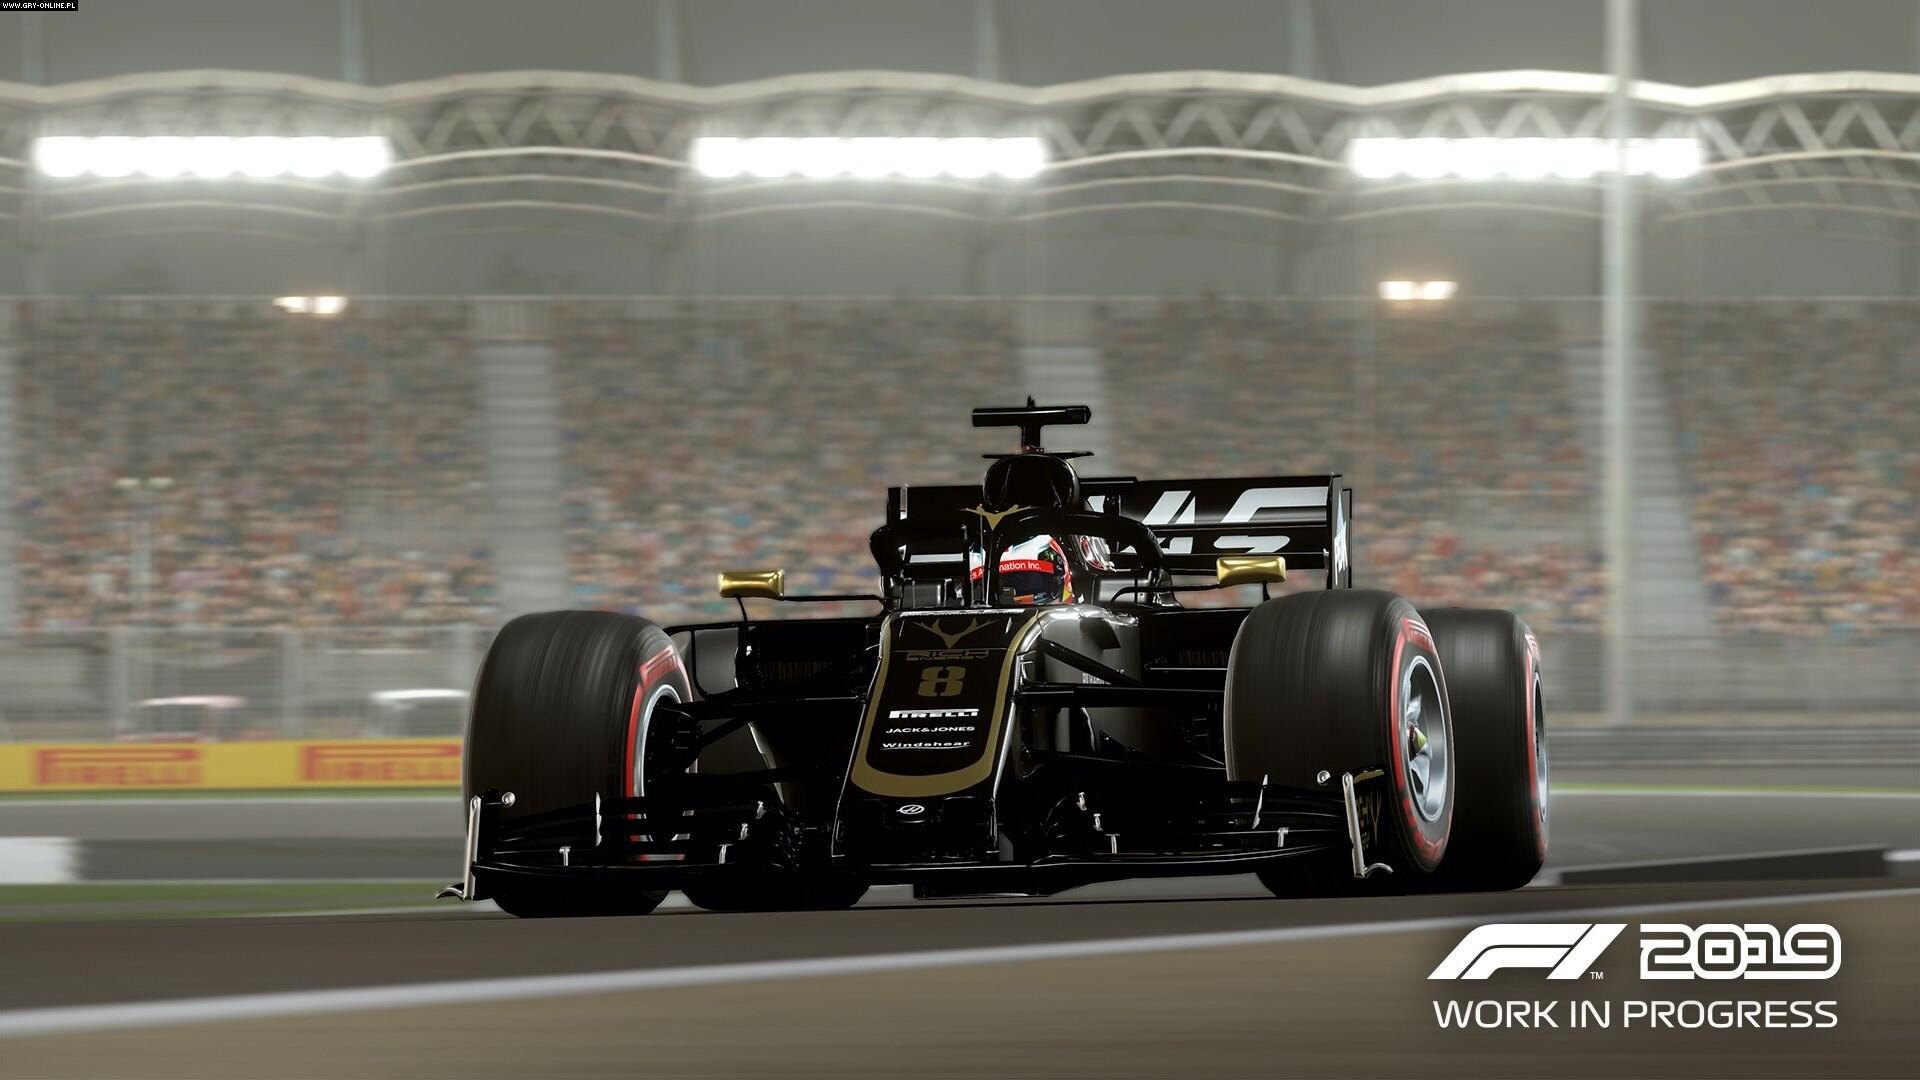 F1 2019 - Steam - Key GLOBAL - 3